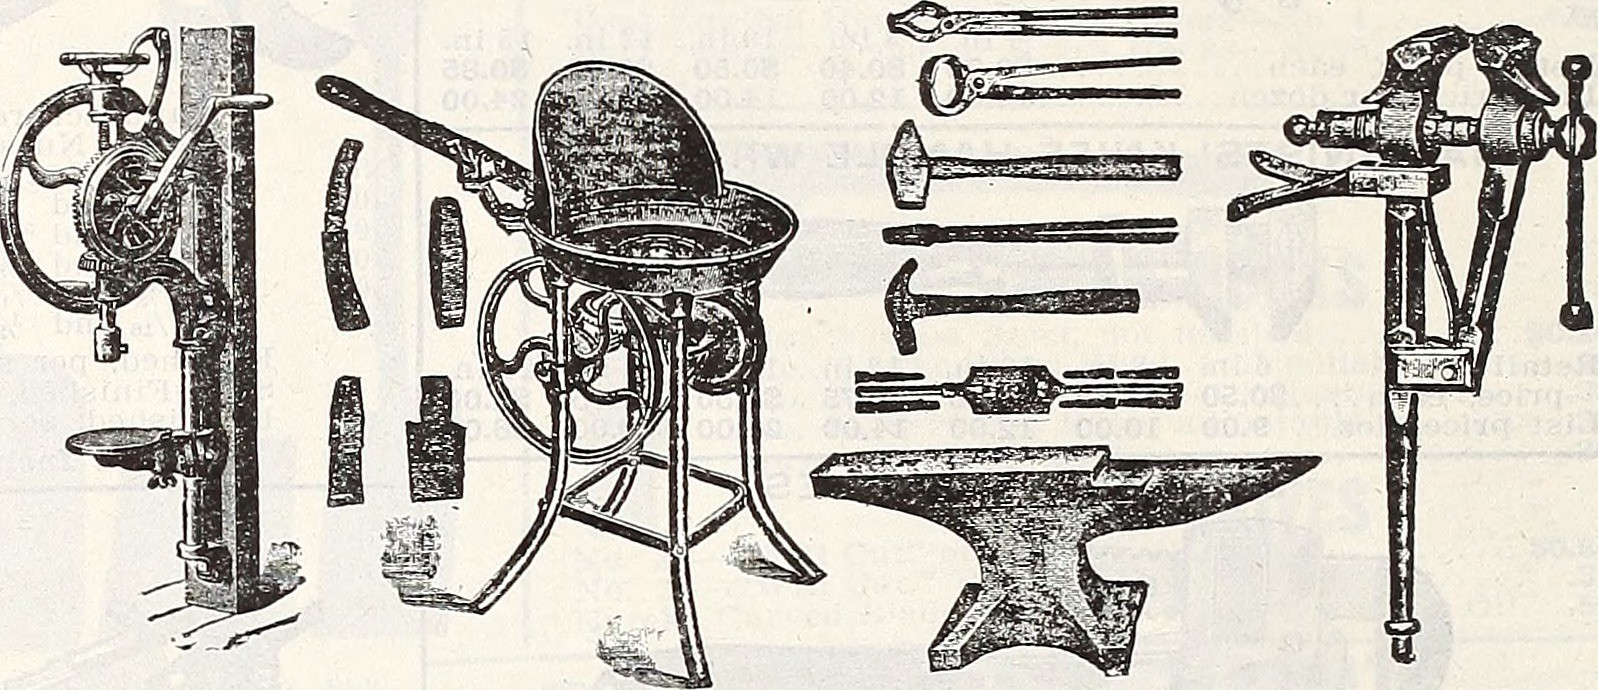 Work on tools